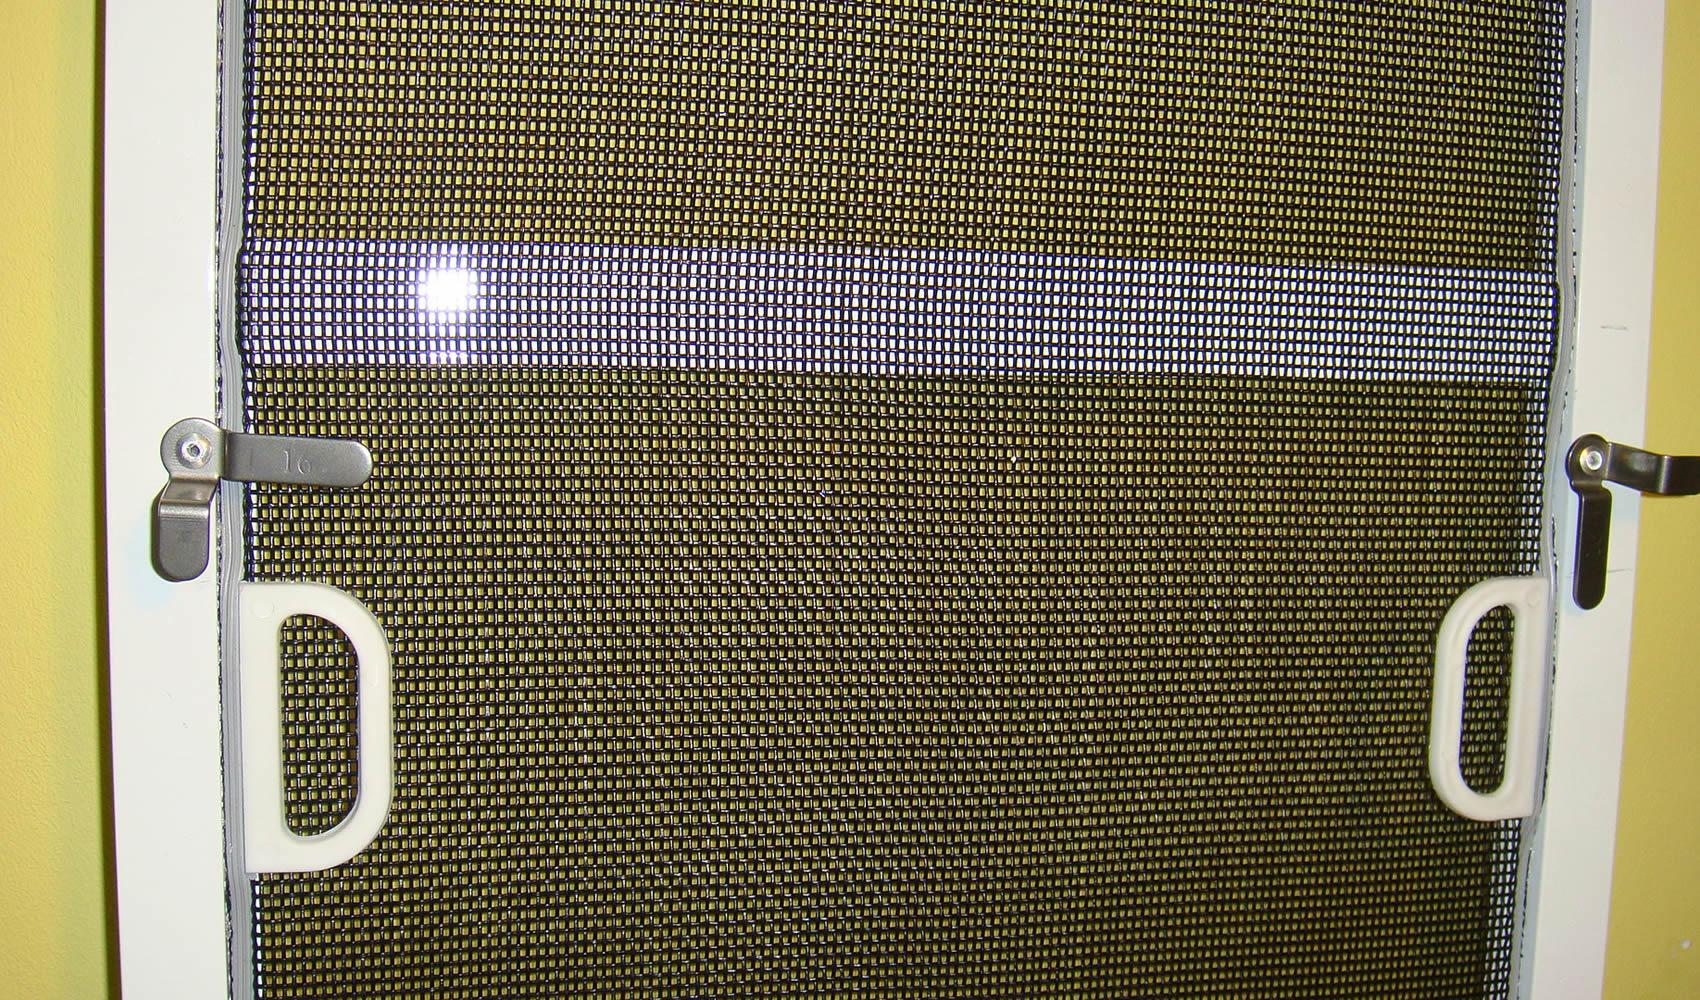 Москитная дверь на балкон - обзор вариантов конструкции.